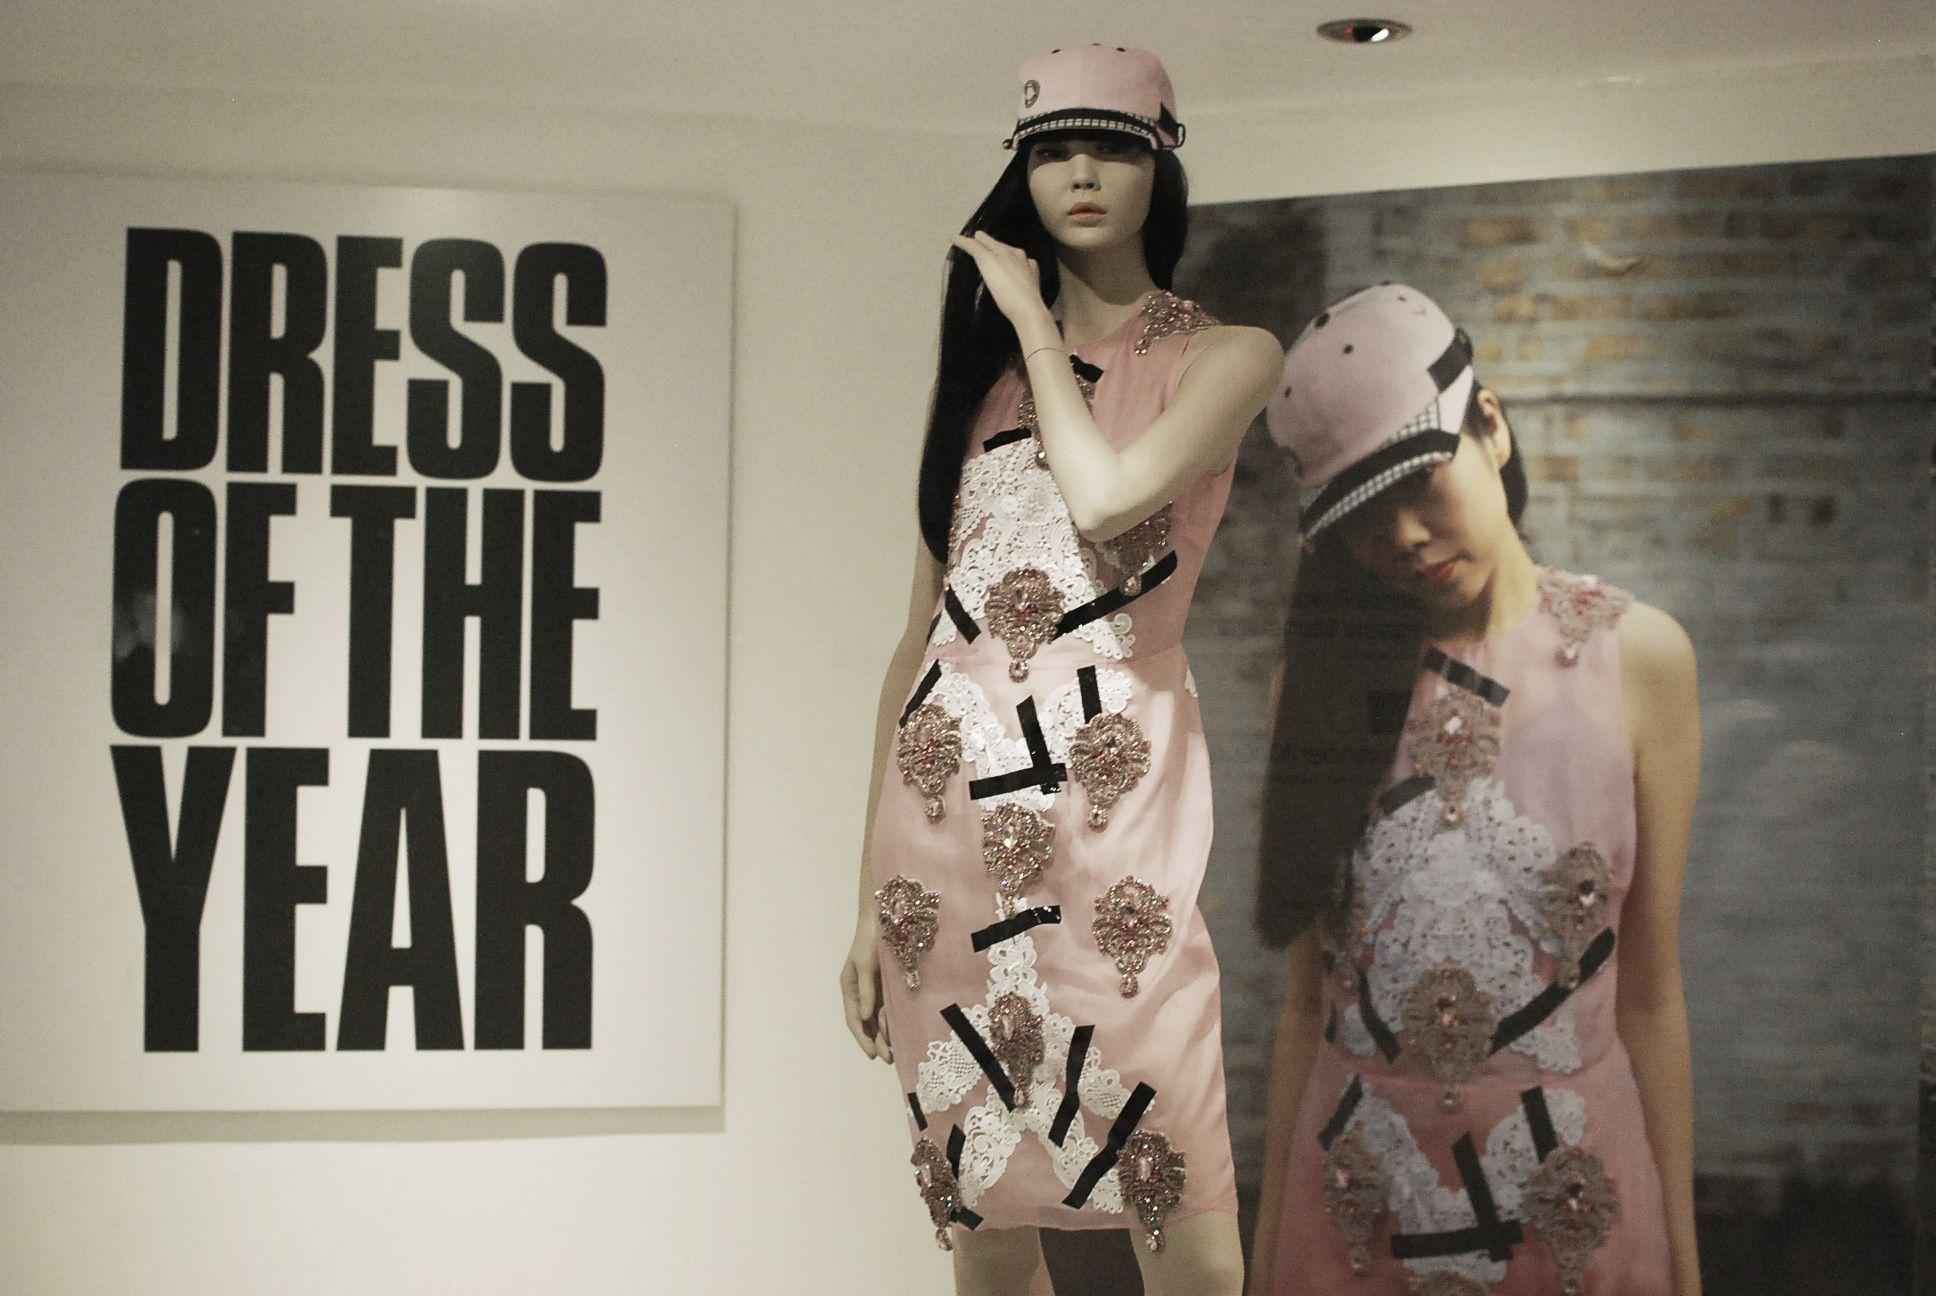 She and Hem| Bath in Fashion #bath #fashionmuseum #fbloggers #fashion